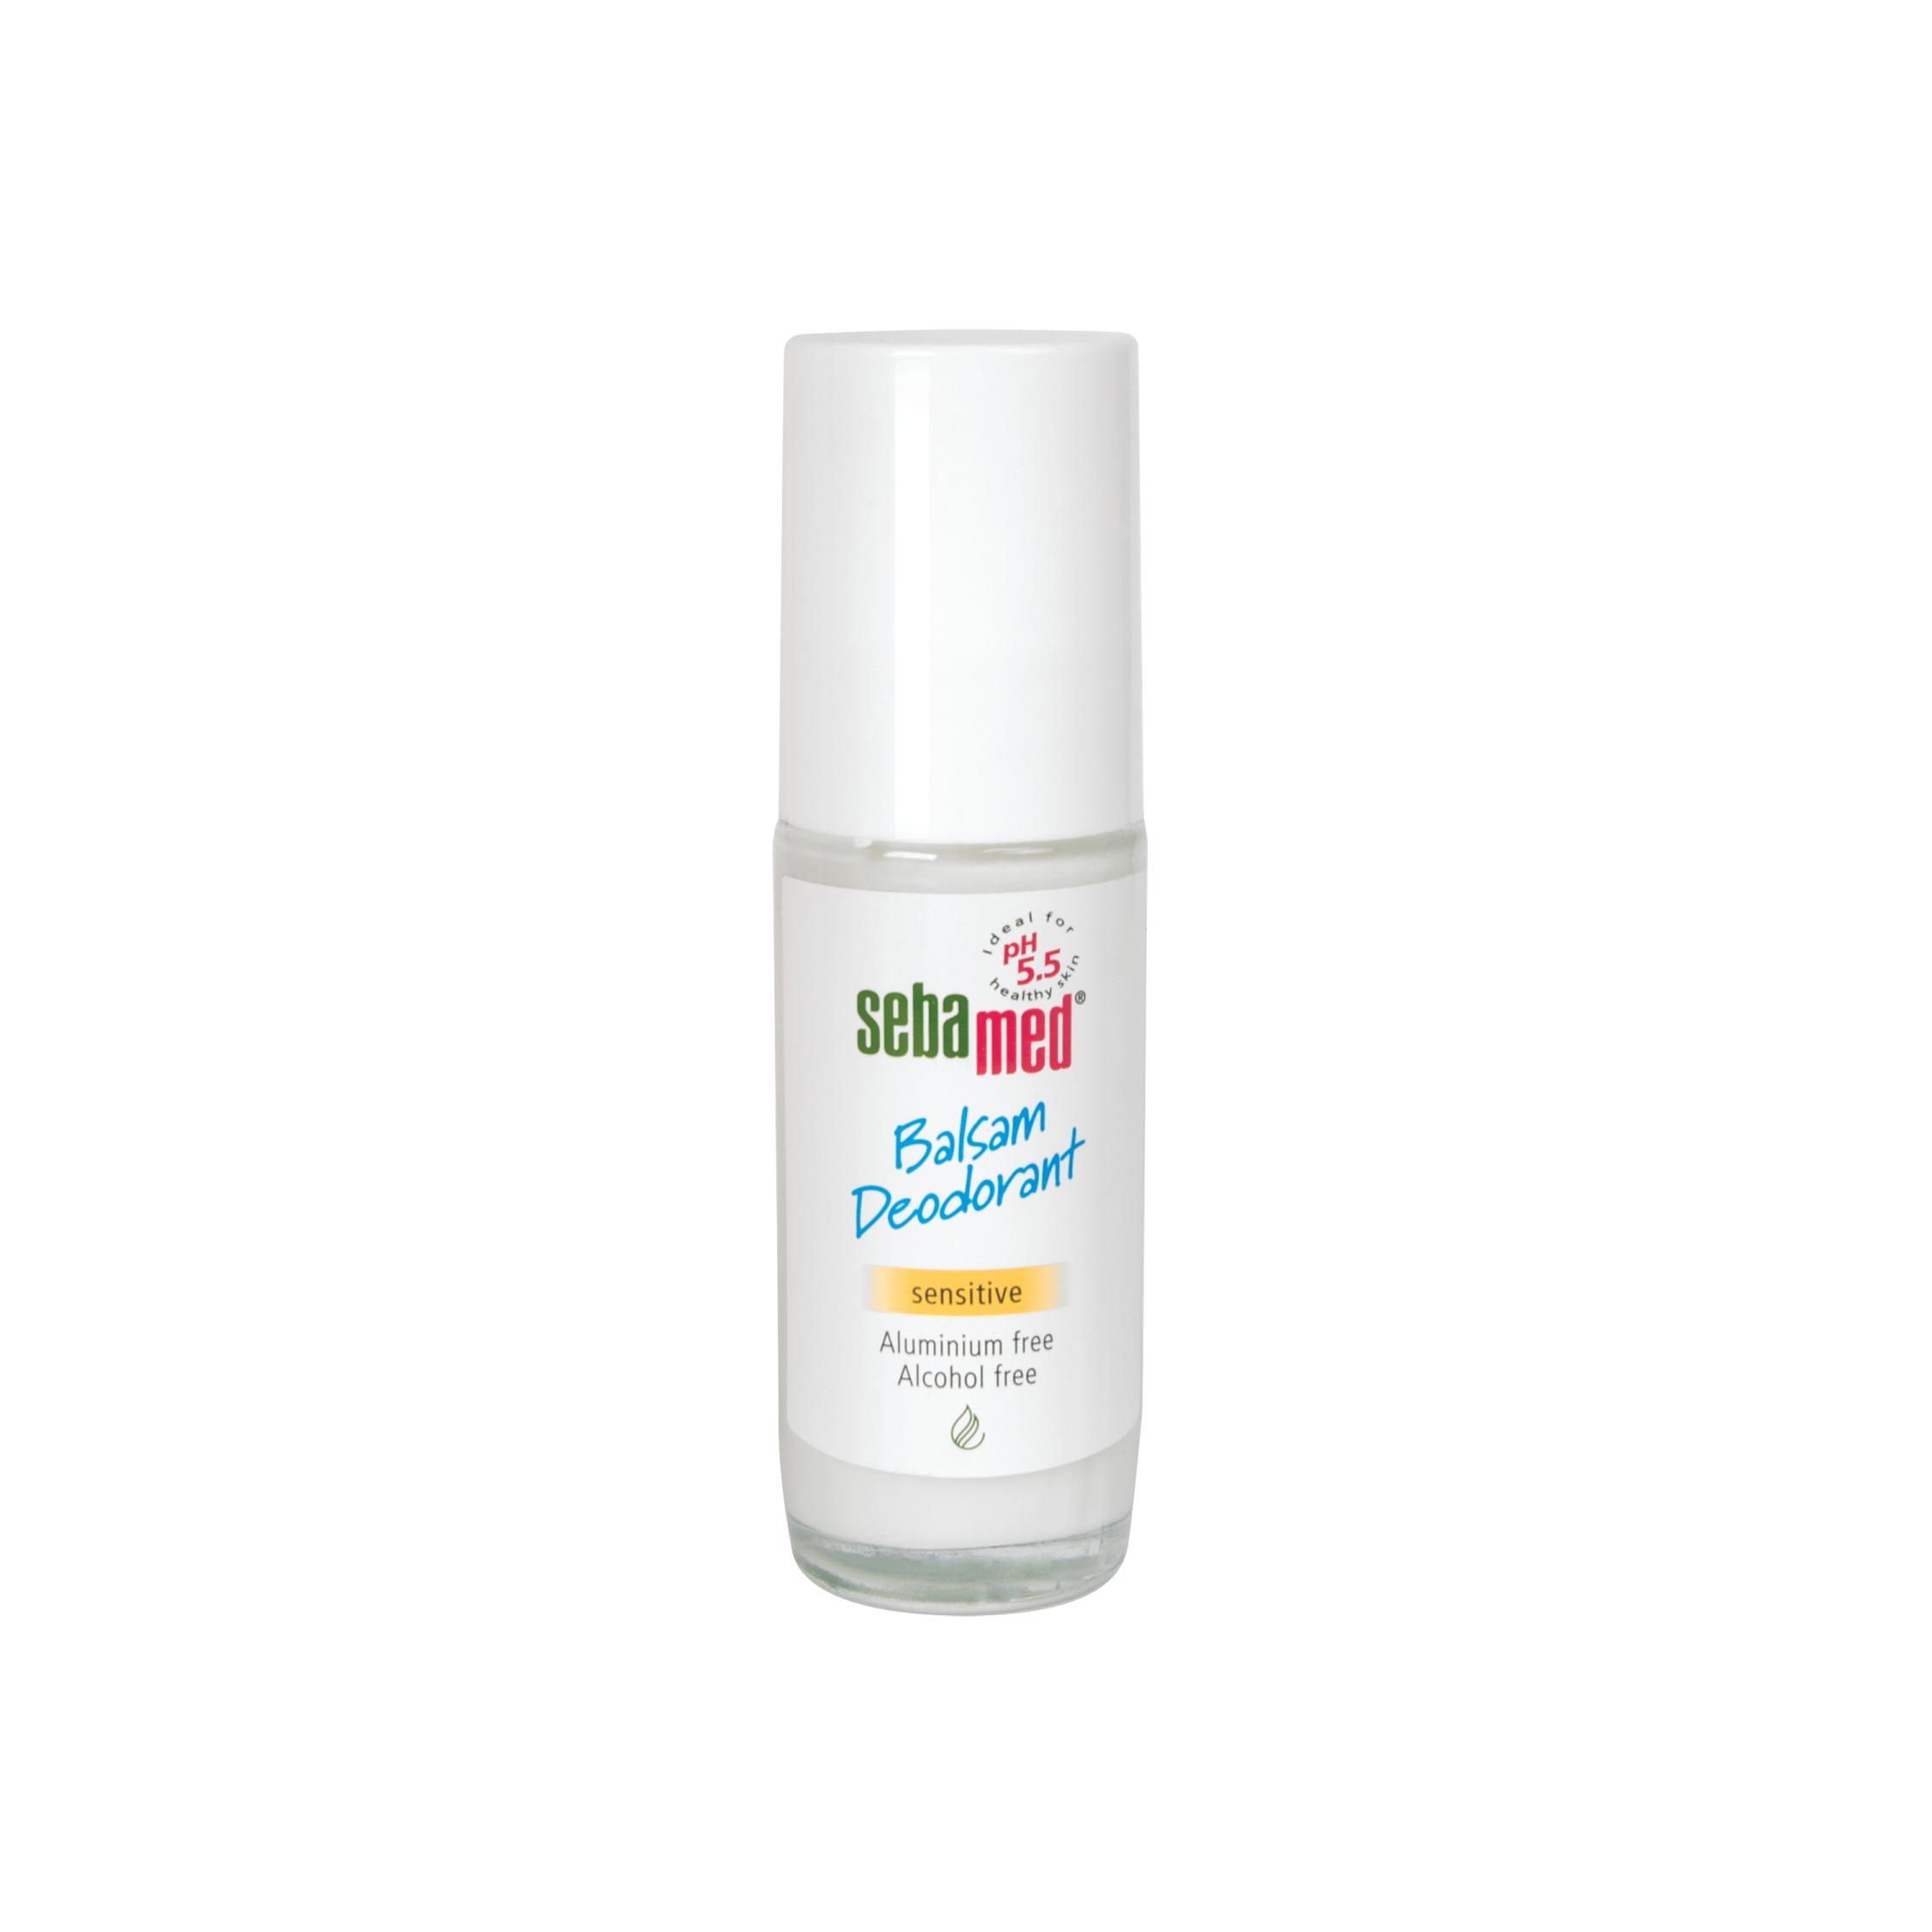 Sebamed Sensitive Balsam 50ml roll on